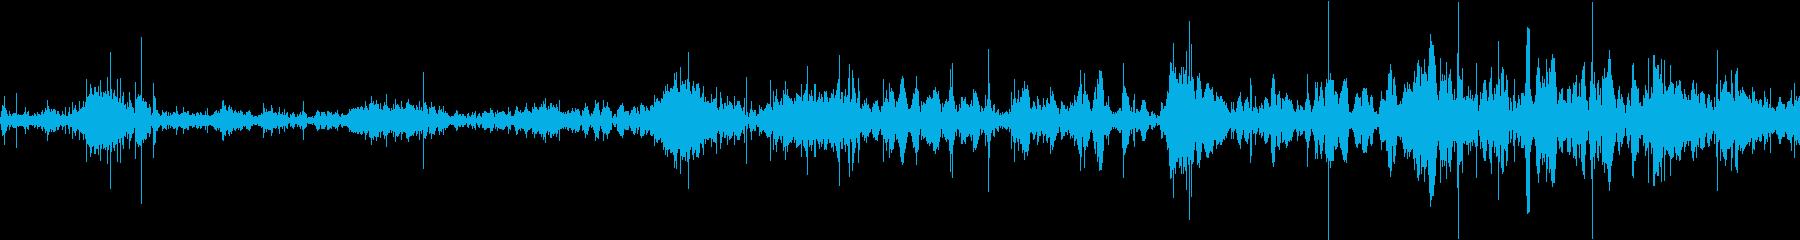 落ち葉の上を歩いている音の再生済みの波形